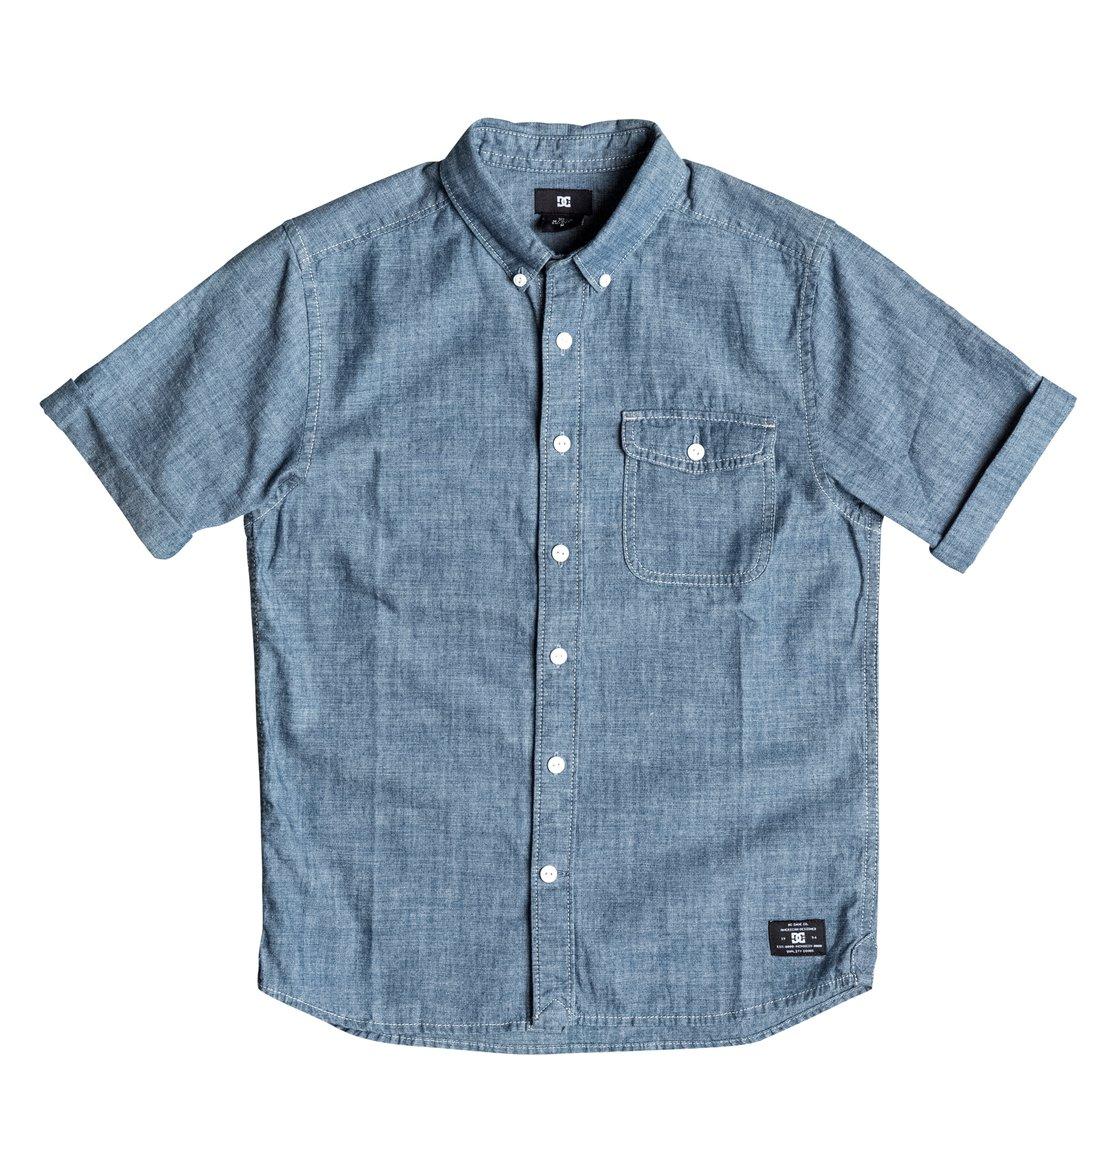 Riot Van Short Sleeve ShirtРубашка с коротким рукавом для мальчиков Riot Van от DC Shoes. <br>ХАРАКТЕРИСТИКИ: стандартный крой, хлопок-шамбре, нагрудный карман, воротник на пуговицах. <br>СОСТАВ: 100% хлопок.<br>